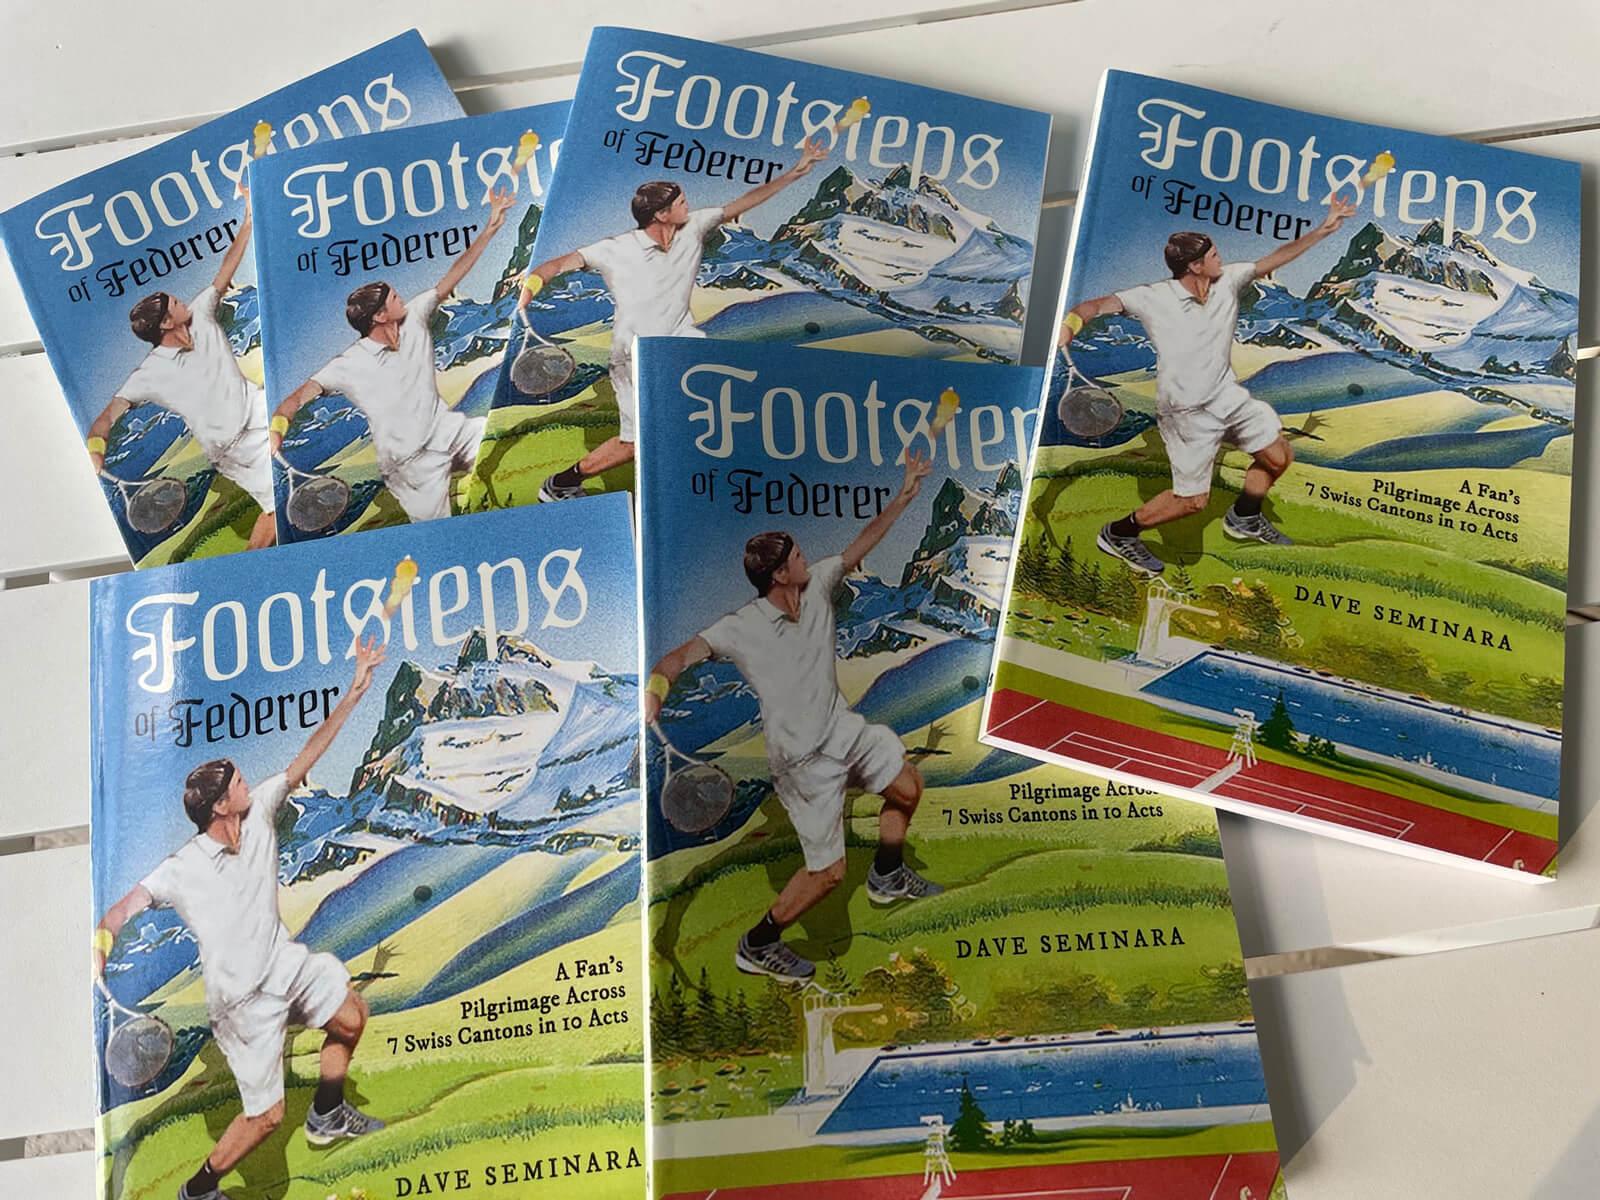 Footsteps of Federer Book by Dave Seminara